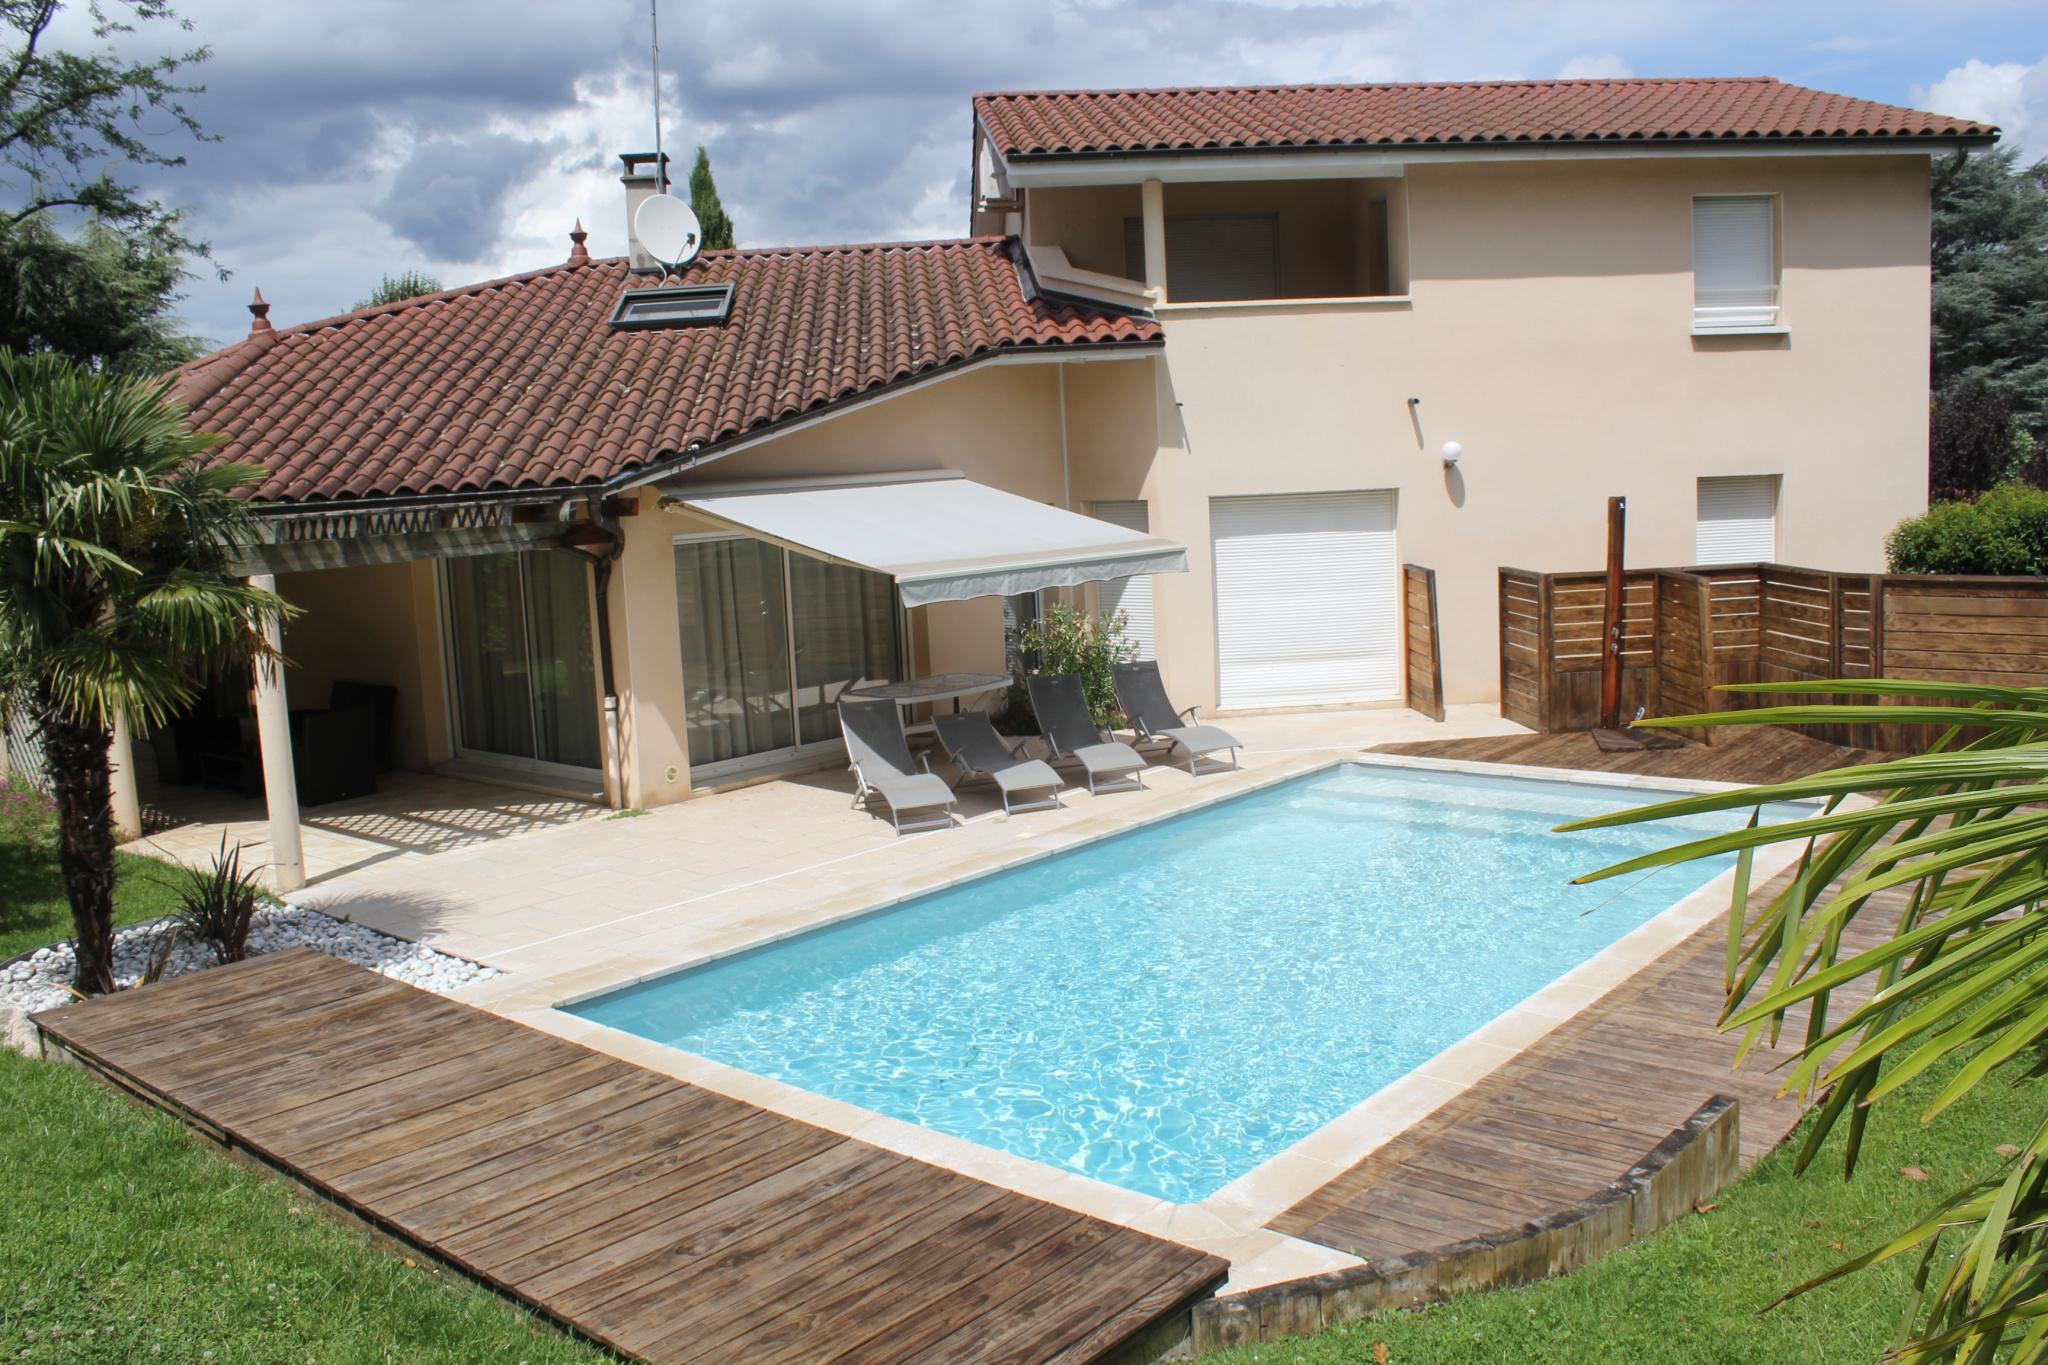 Bibliothèque Ste Foy Les Lyon ste foy les lyon : villa moderne avec jardin, piscine et garages